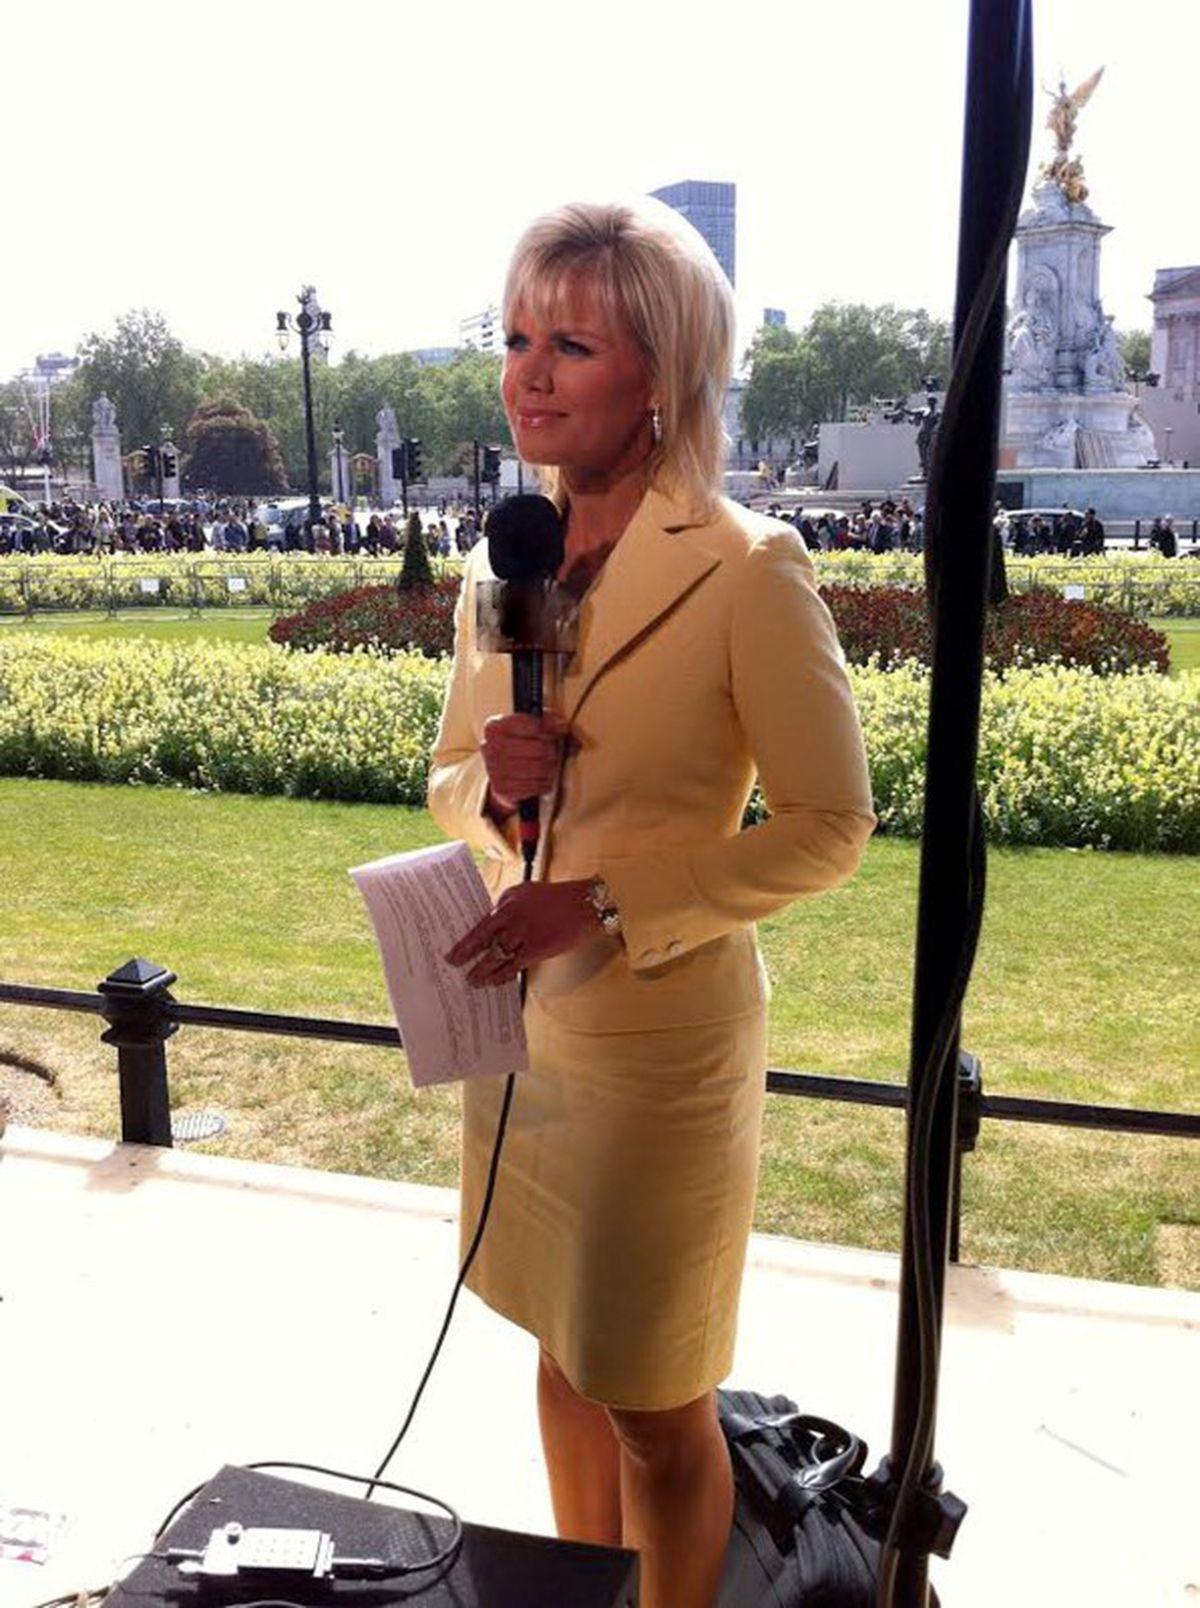 Former Fox News correspondent Gretchen Carlson is seen in an undated handout photo taken in London. (Gretchen Carlson/Handout via REUTERS)